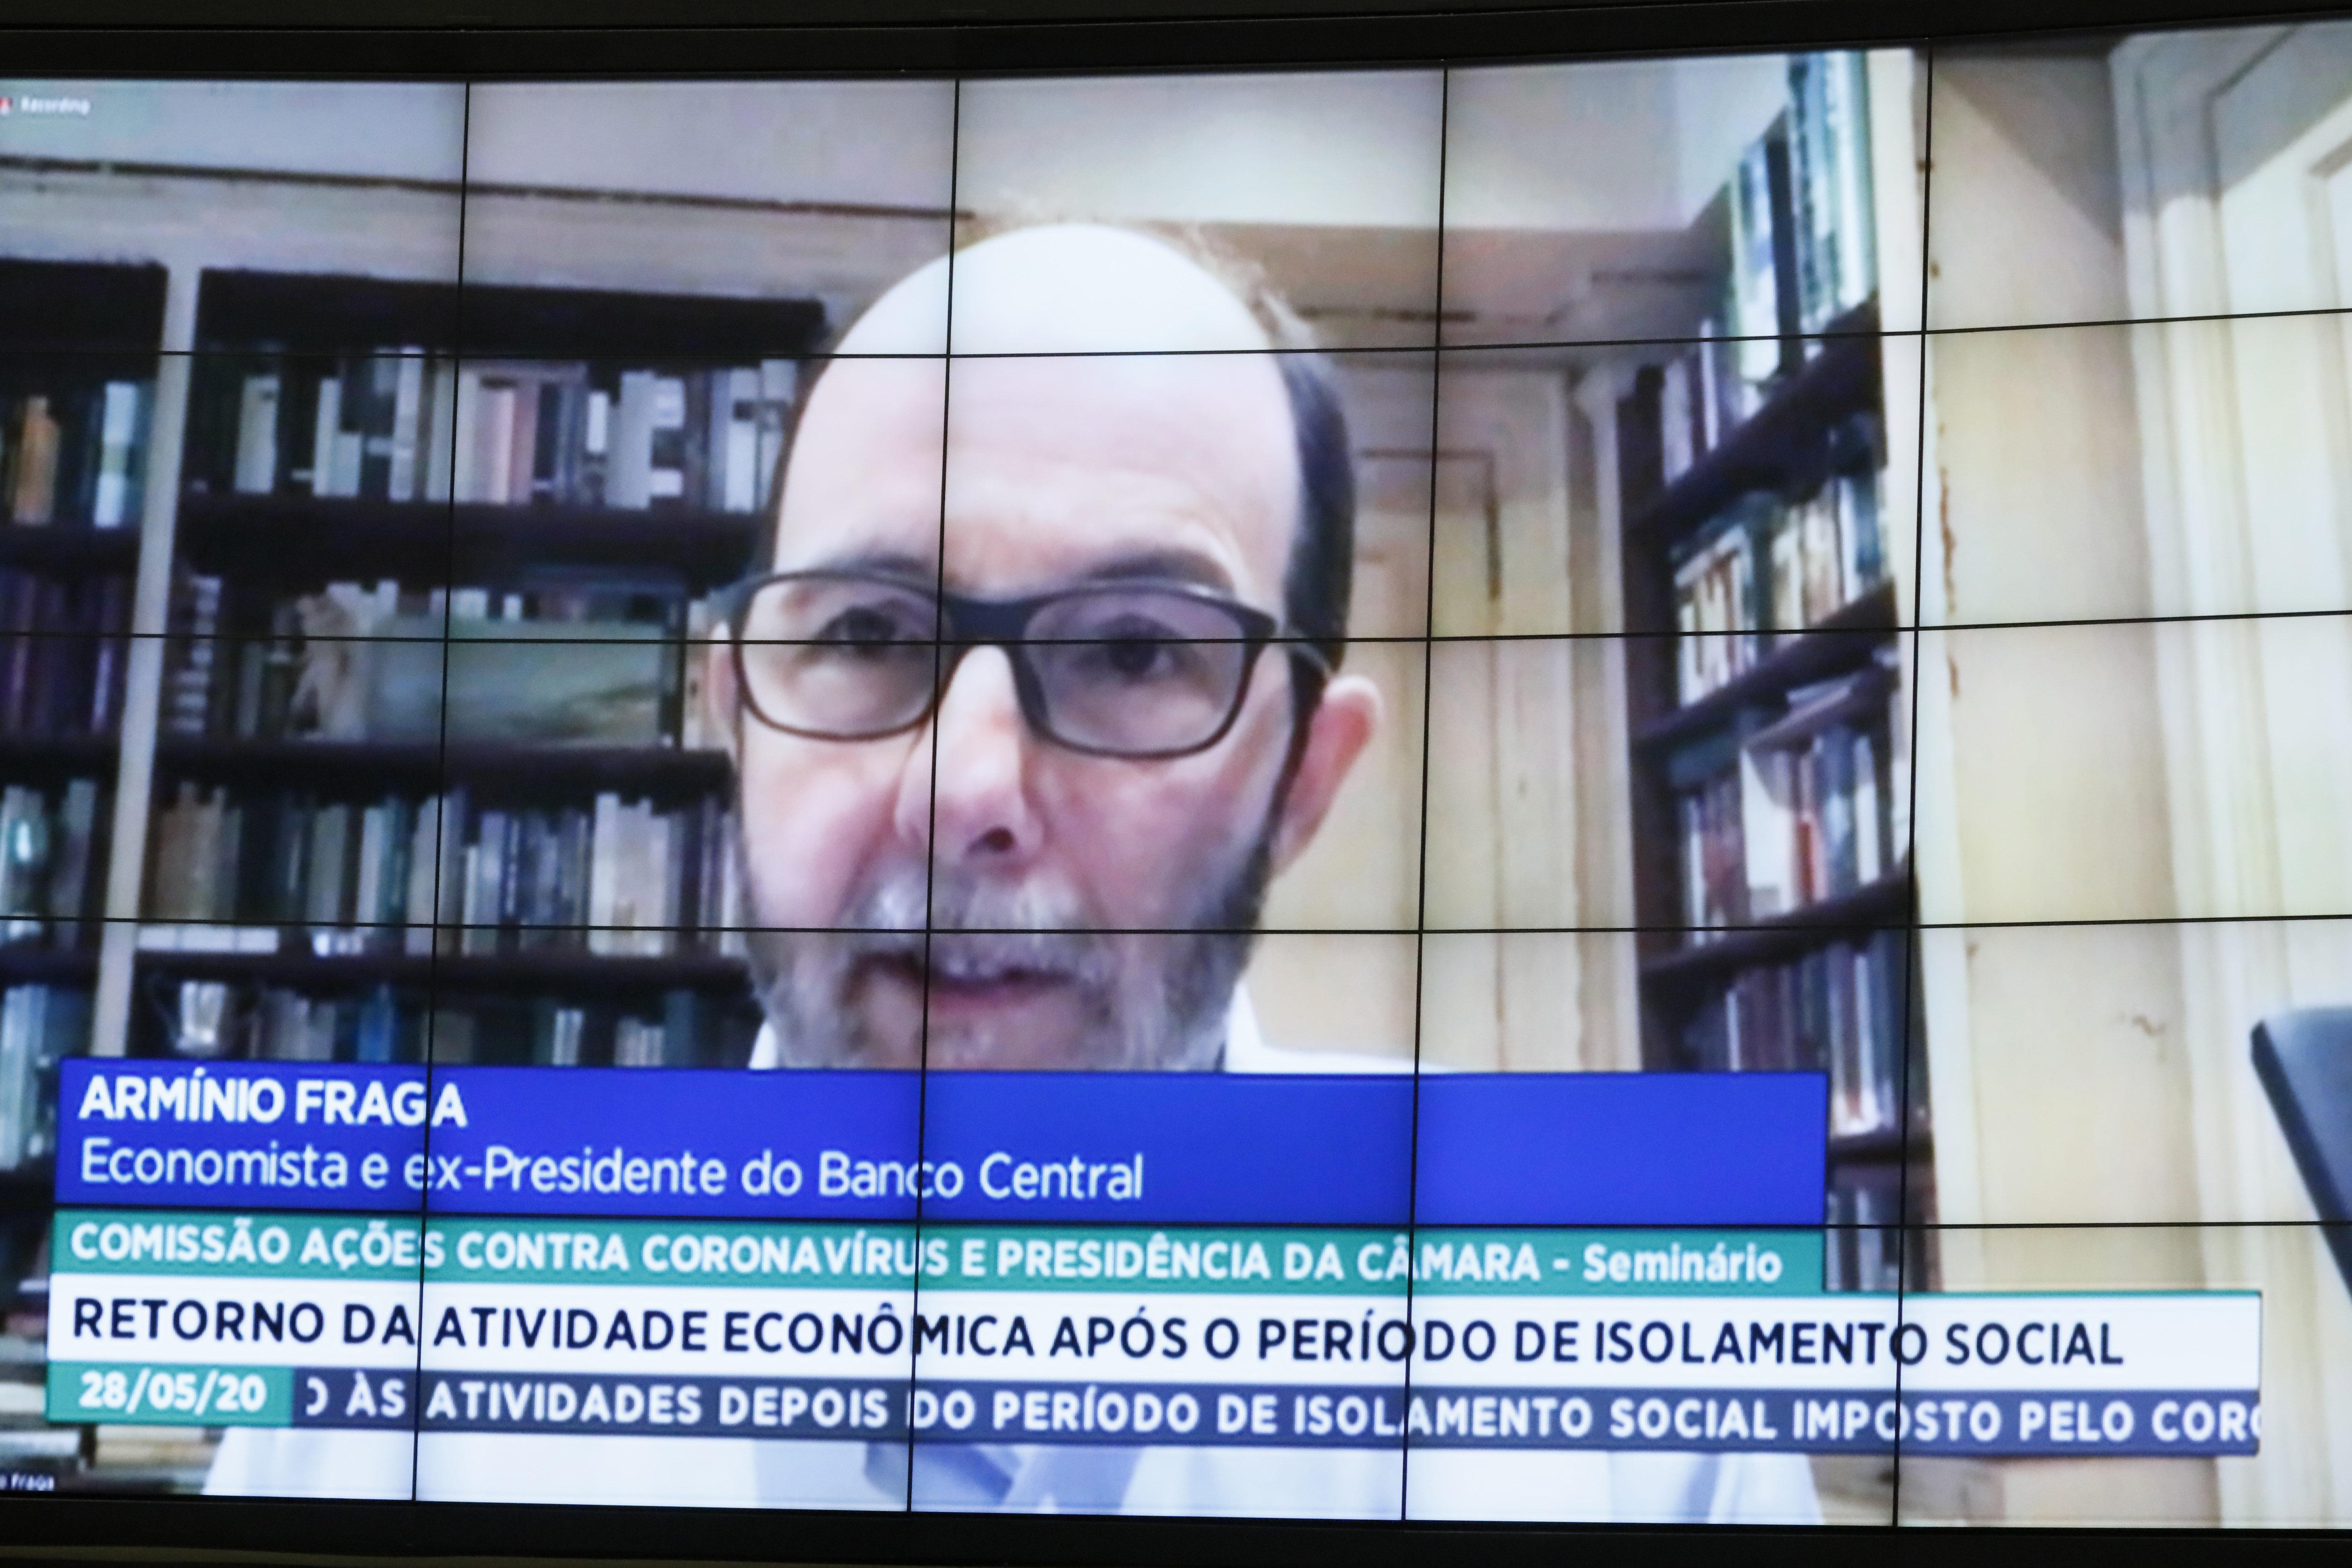 Armínio Fraga, ex-presidente do Banco Central e um dos autores da carta Convergência pelo Brasil, em audiência virtual na Câmara dos Deputados. Foto: Maryanna Oliveira/Câmara dos Deputados